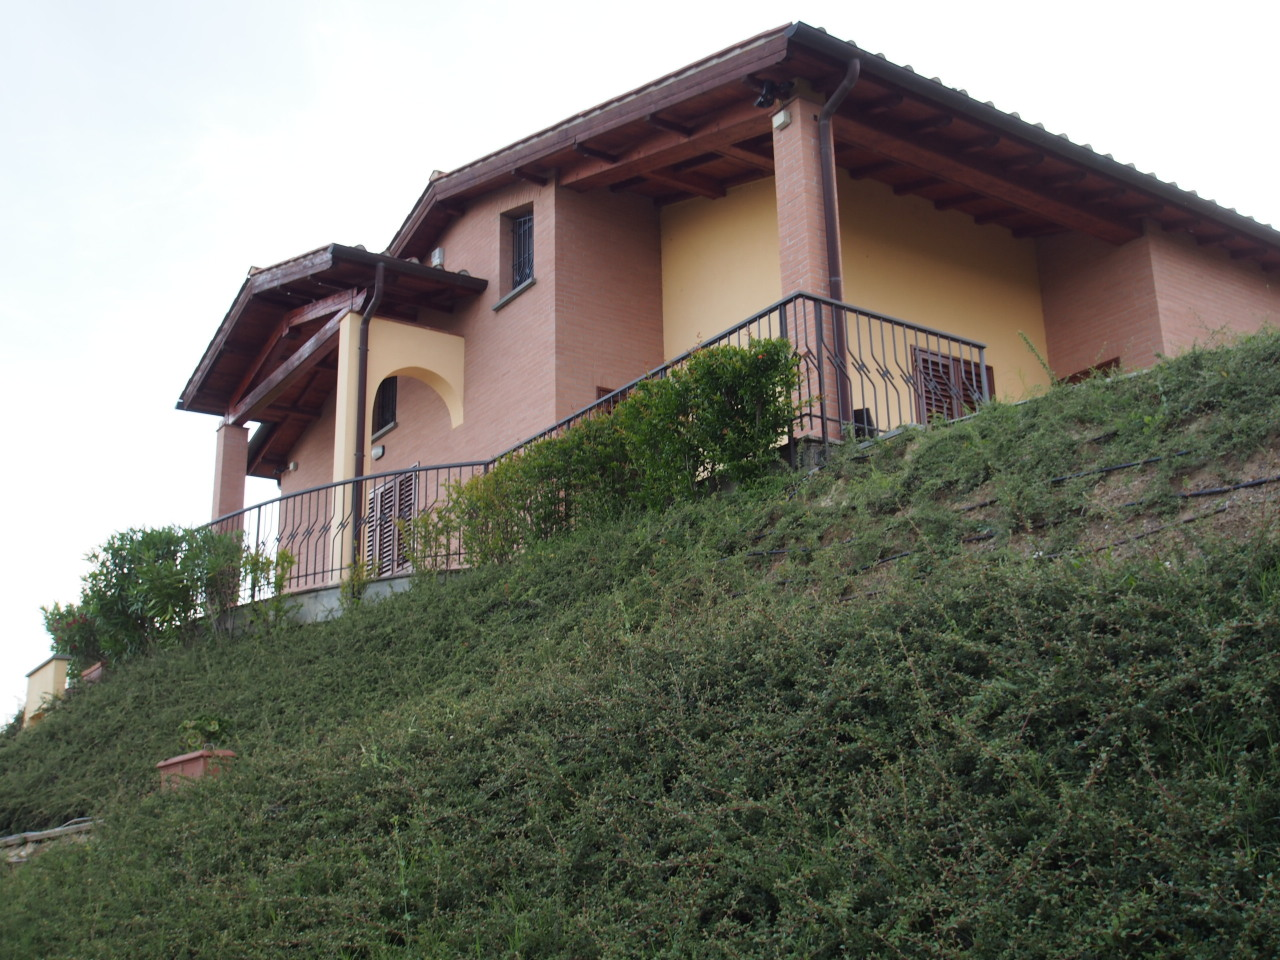 Villa in vendita RIF. 1244, San Miniato (PI)